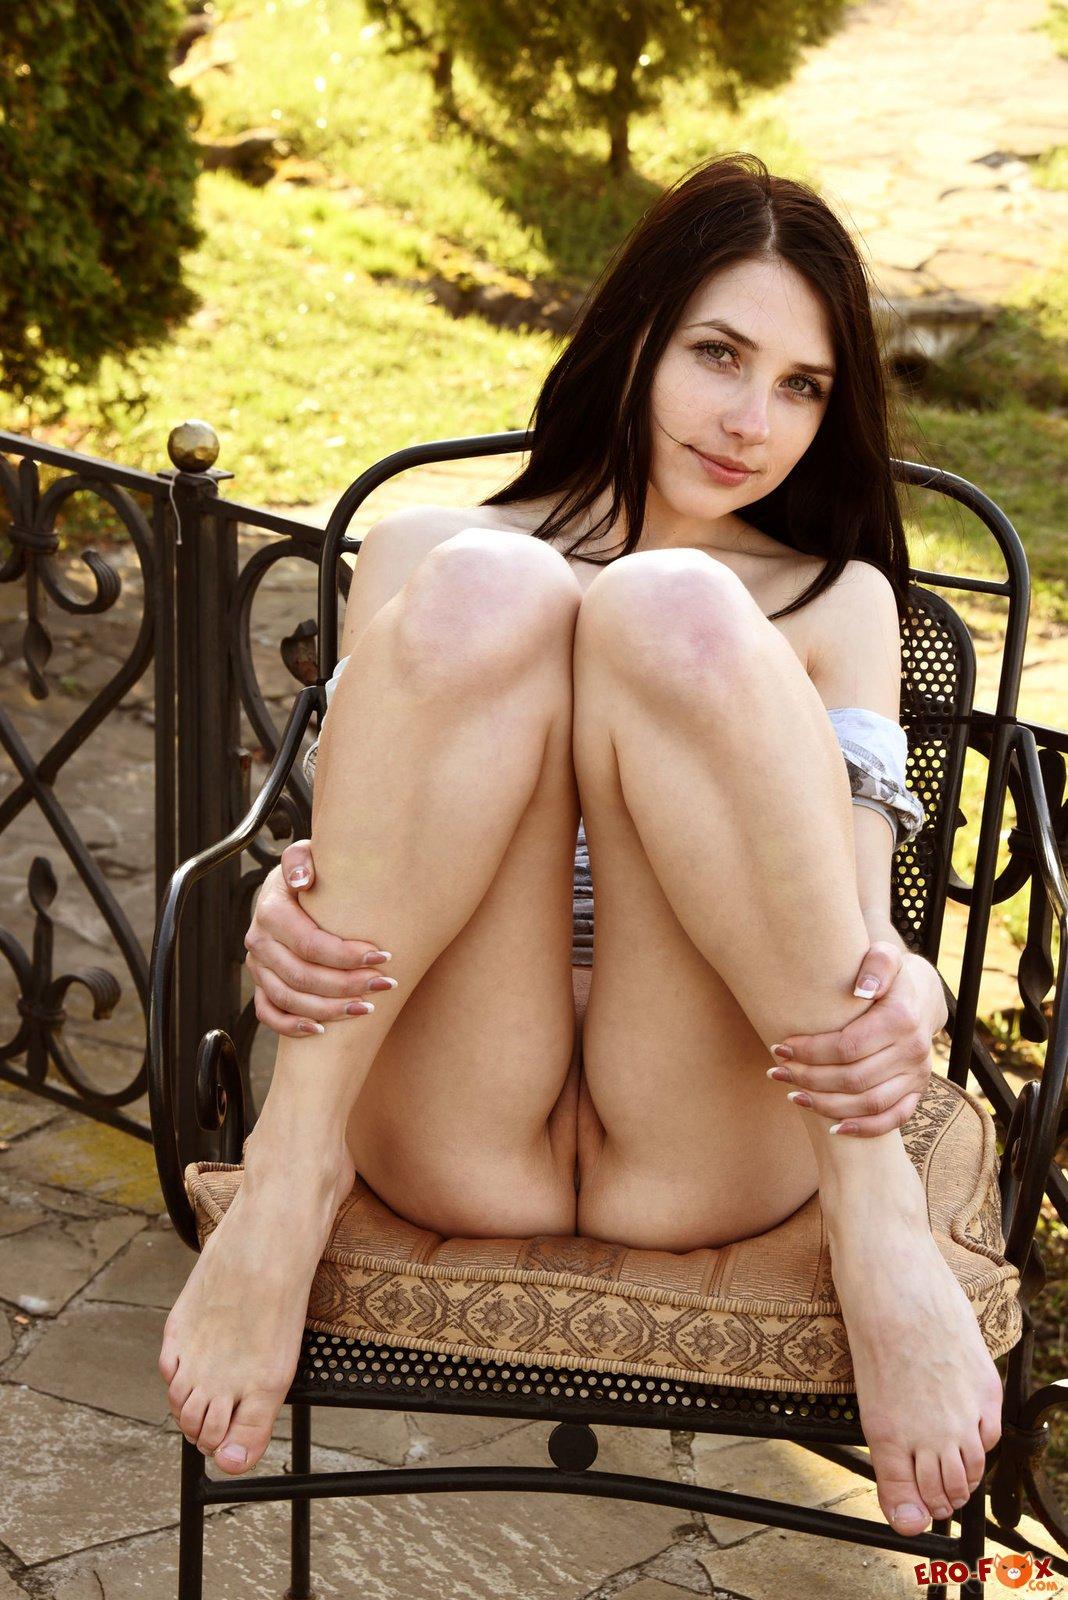 Сочная девушка с аппетитными сиськами